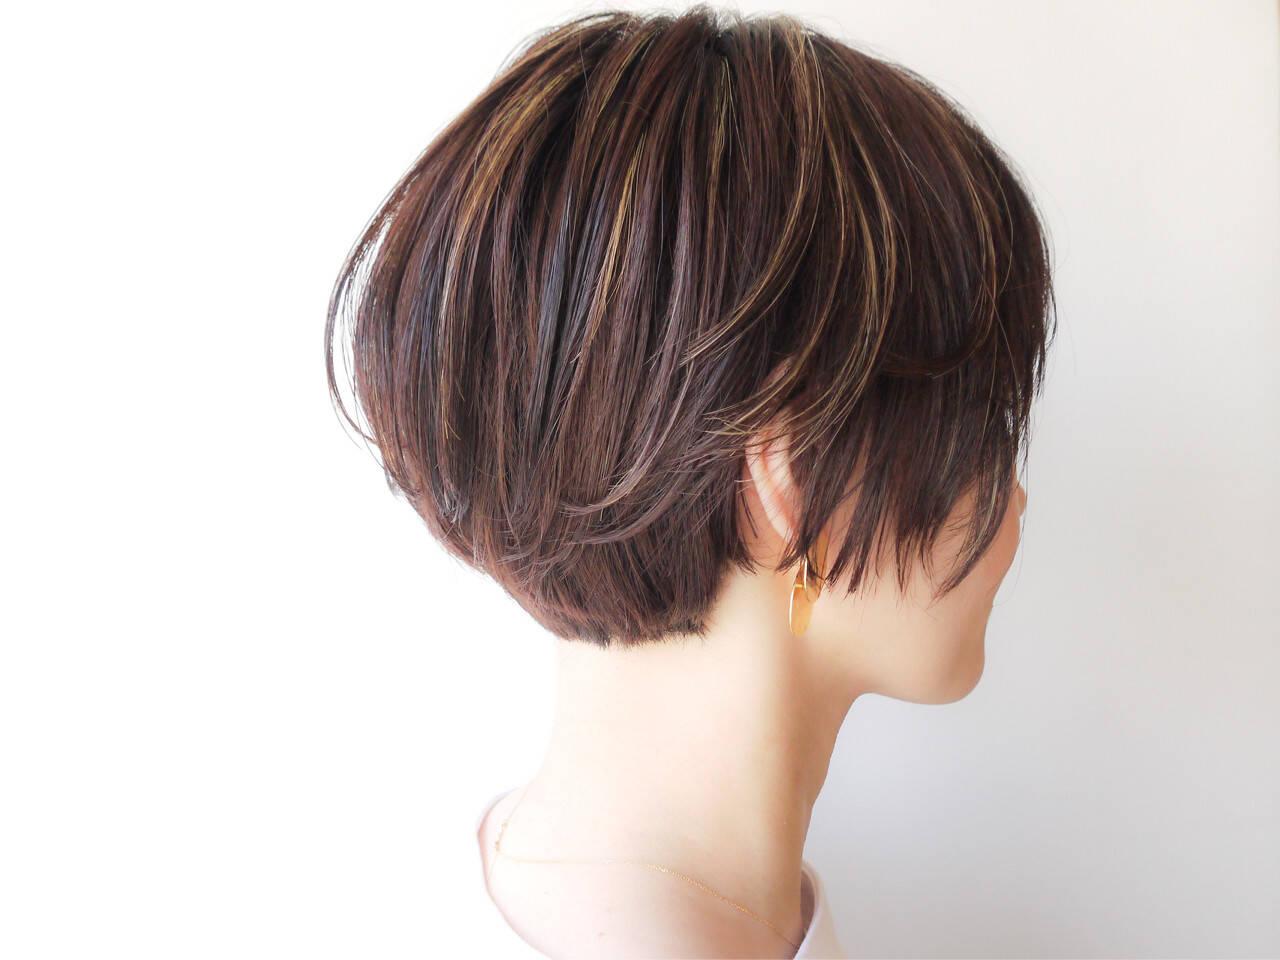 モテ髪 ゆるふわ ショートボブ コンサバヘアスタイルや髪型の写真・画像